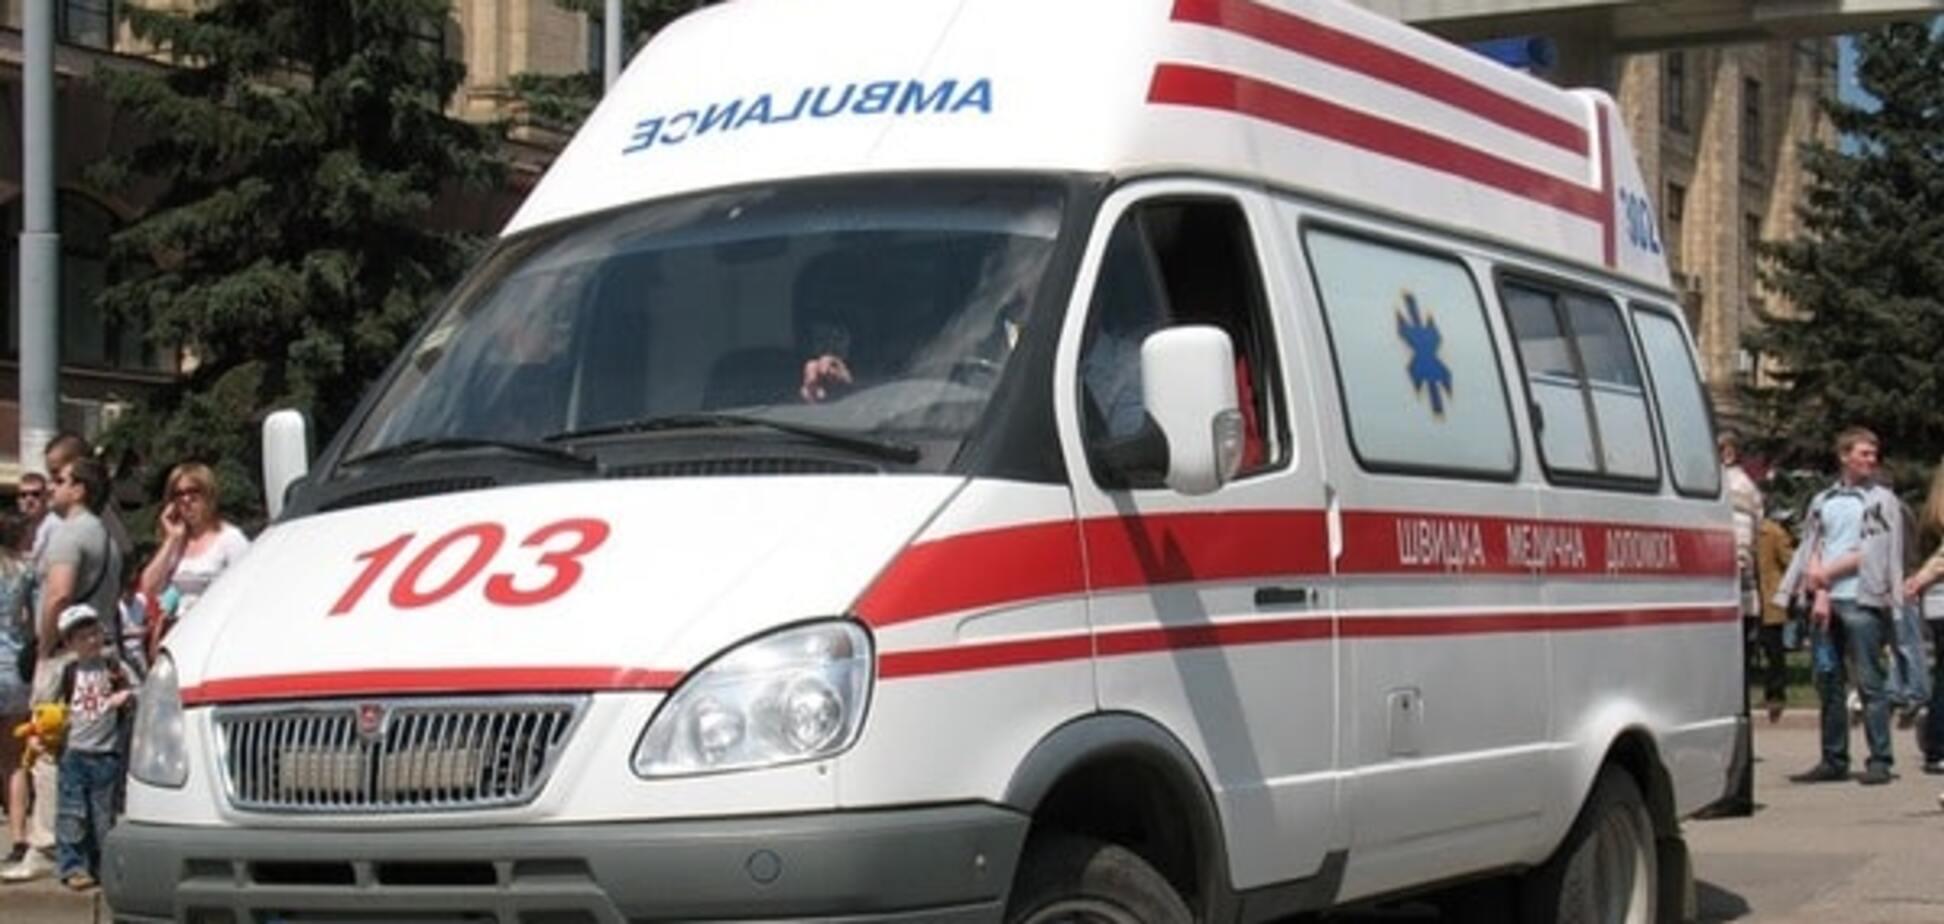 Авария в Луганске: пьяный российский военный сбил женщину на остановке